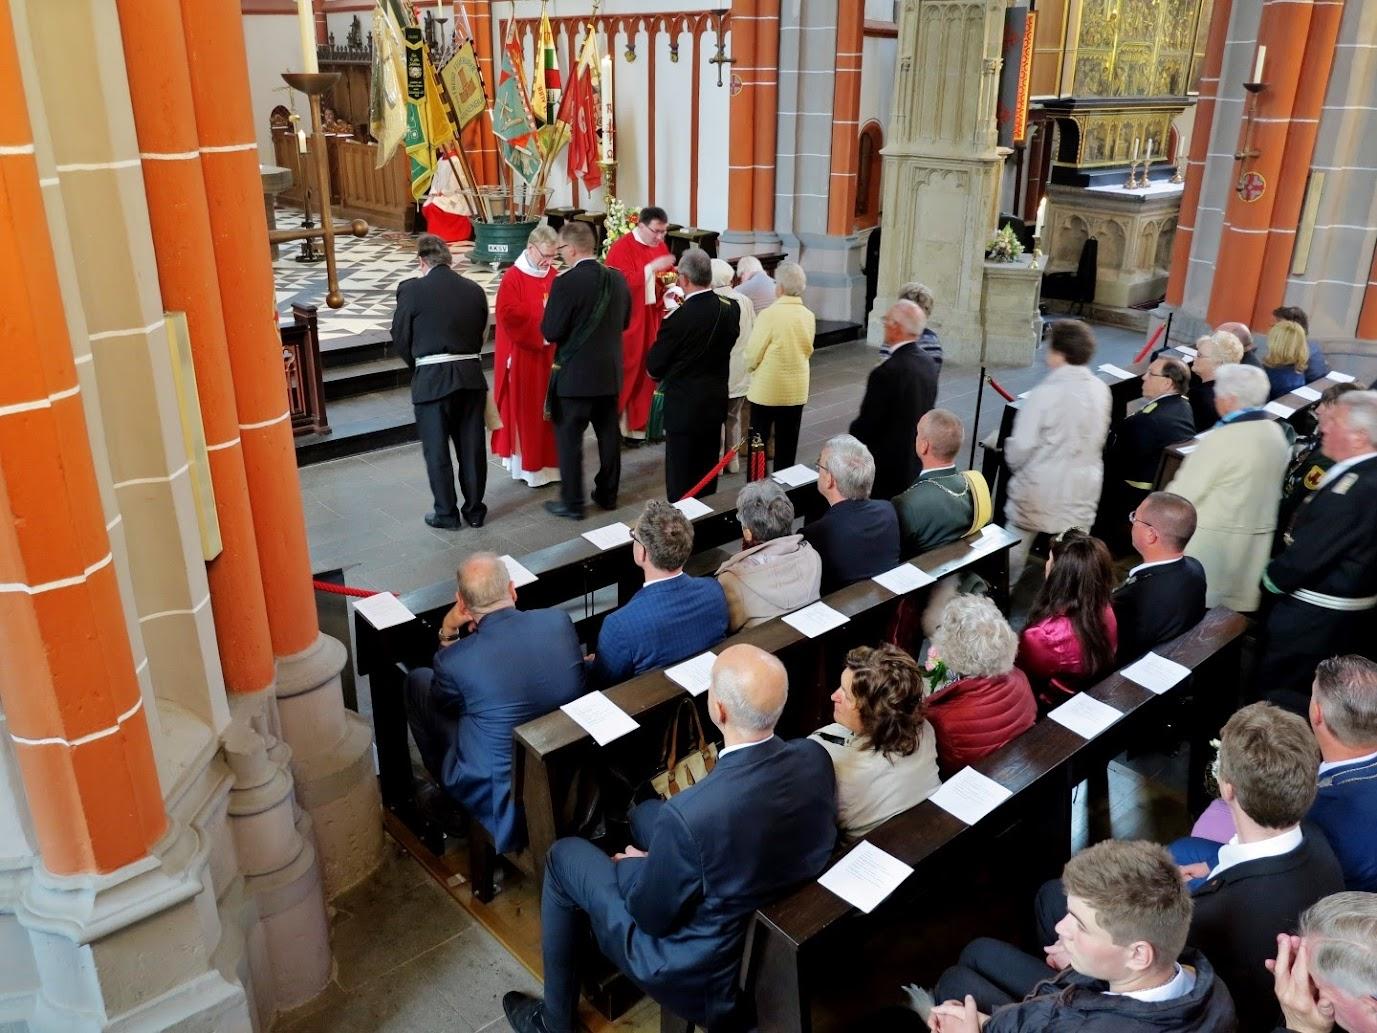 De Kerkmis in de Stifts-und Wallfahrtskiche St Peter und Paul.